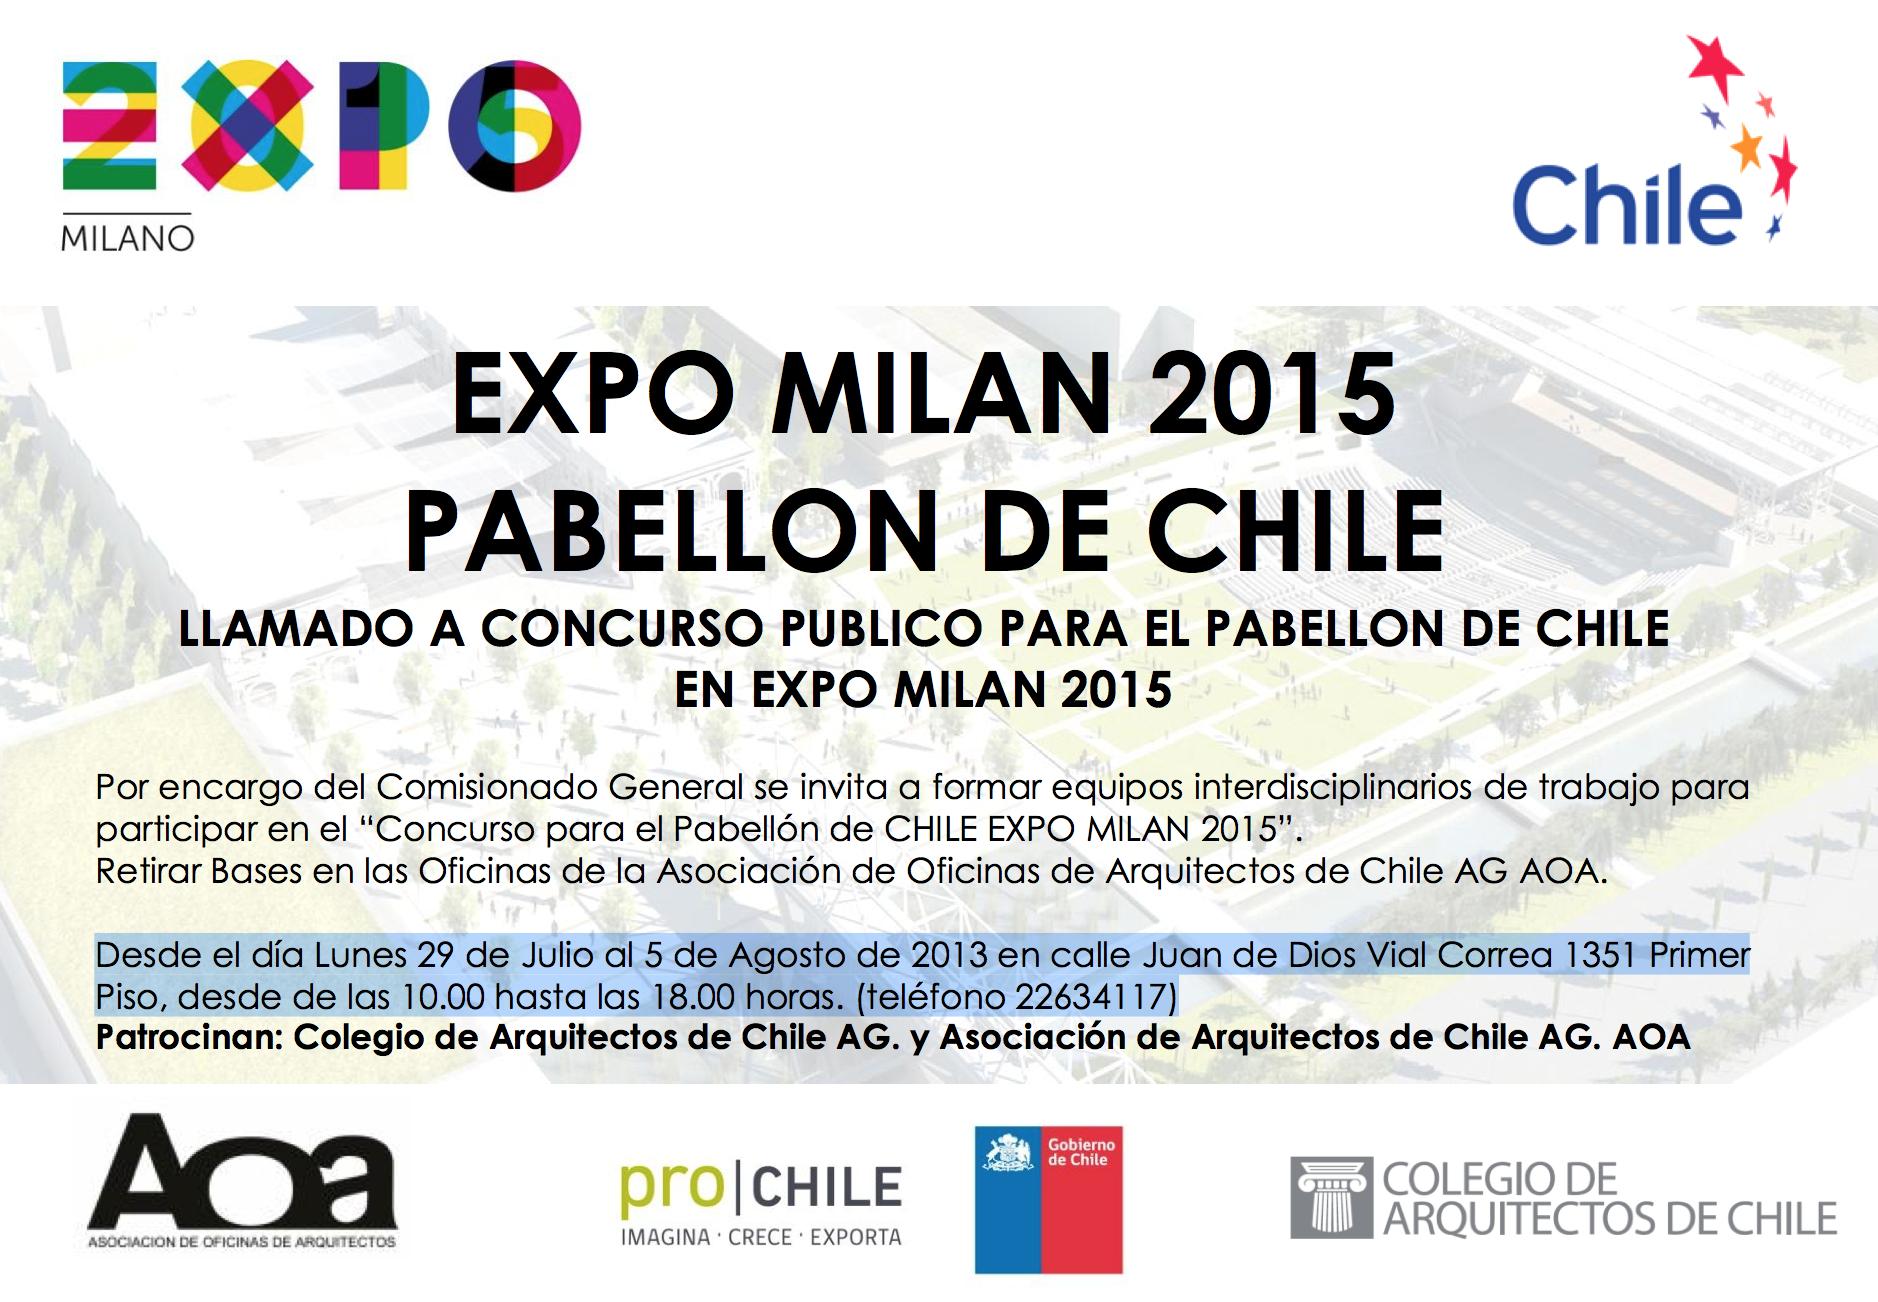 Concurso Pabellón de Chile para la Expo Milán 2015